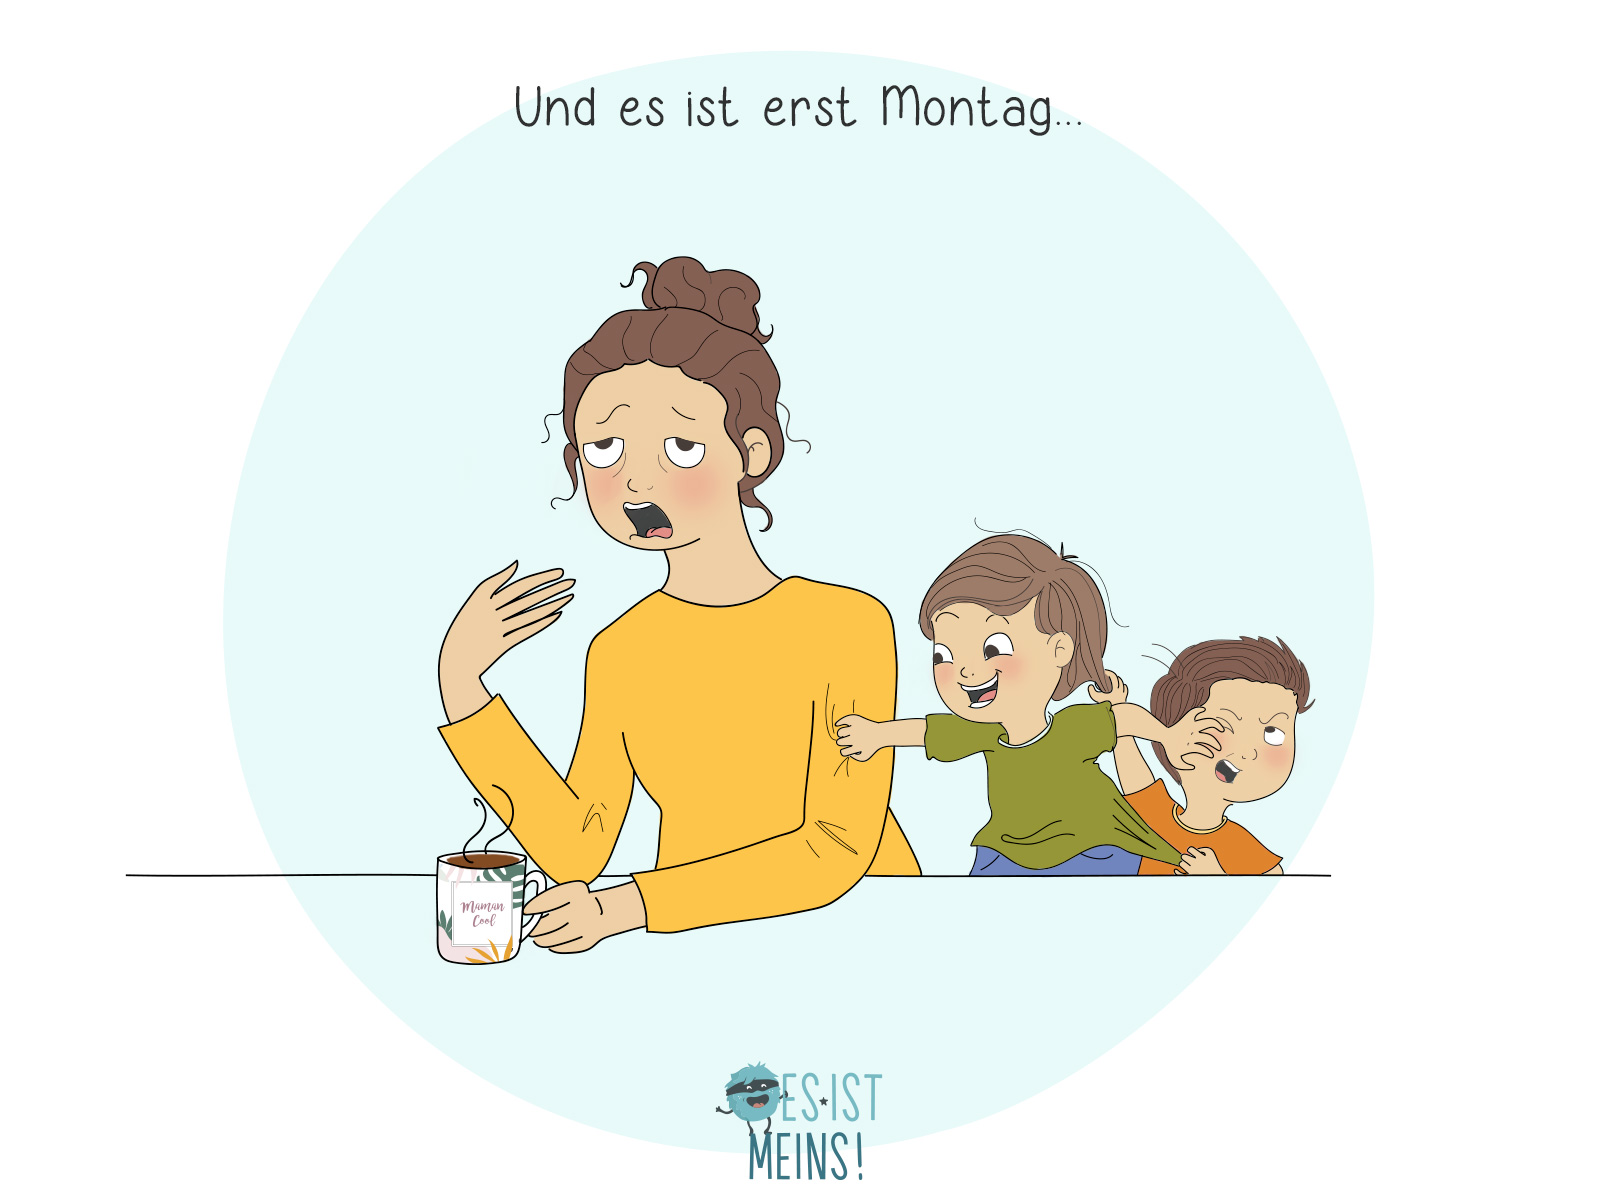 Wissen Sie auch, was ein harter Montagmorgen ist? Kinder in Topform und Eltern in Zeitlupe!